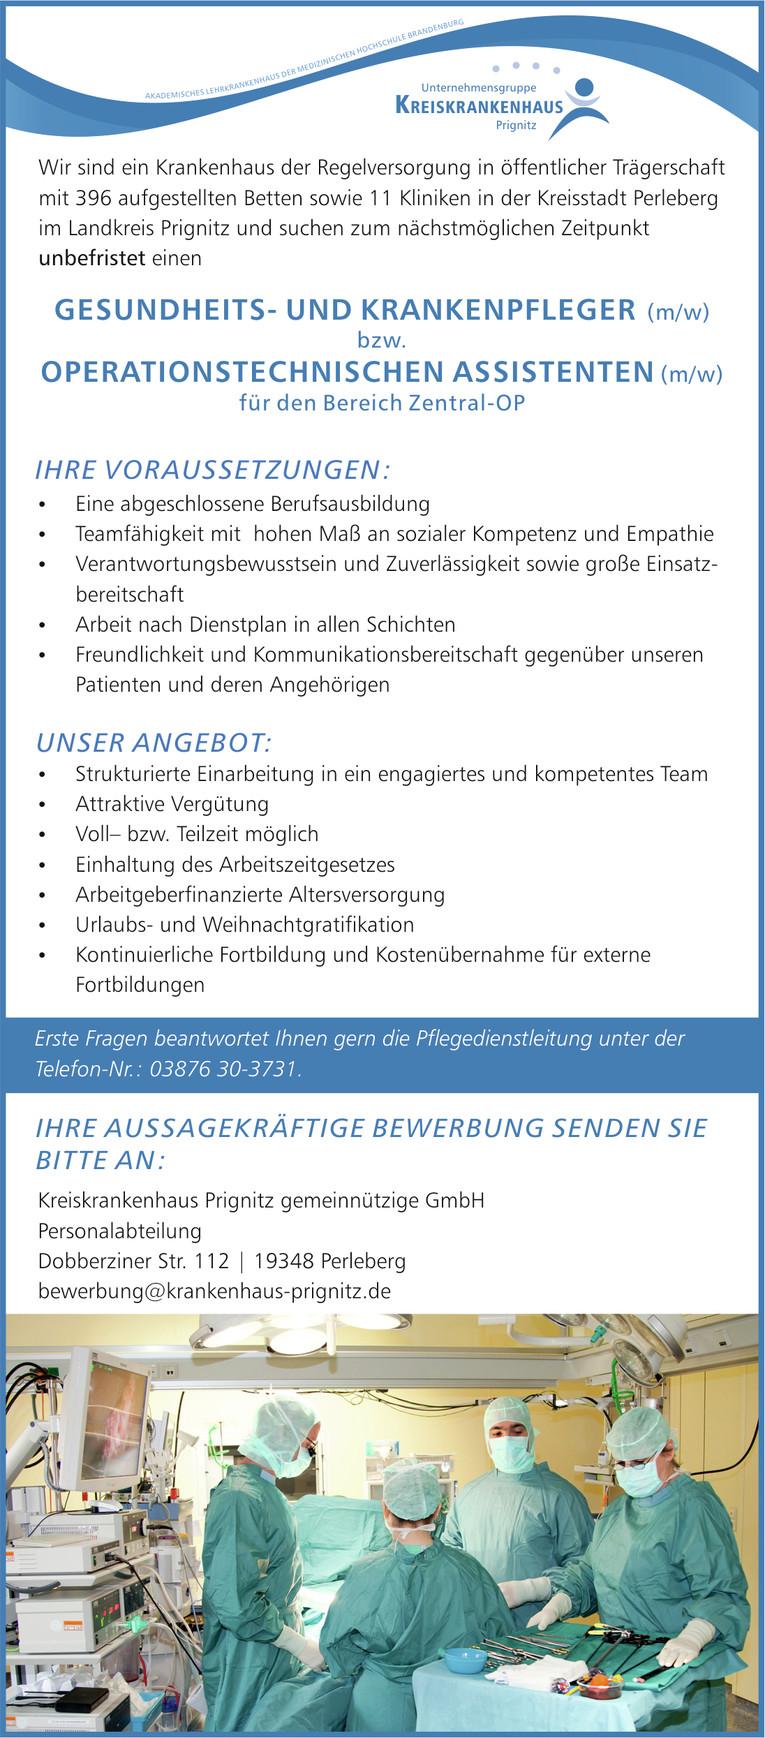 Gesundheits- und Krankenpfleger (m/w) oder OTA (m/w) in Perleberg